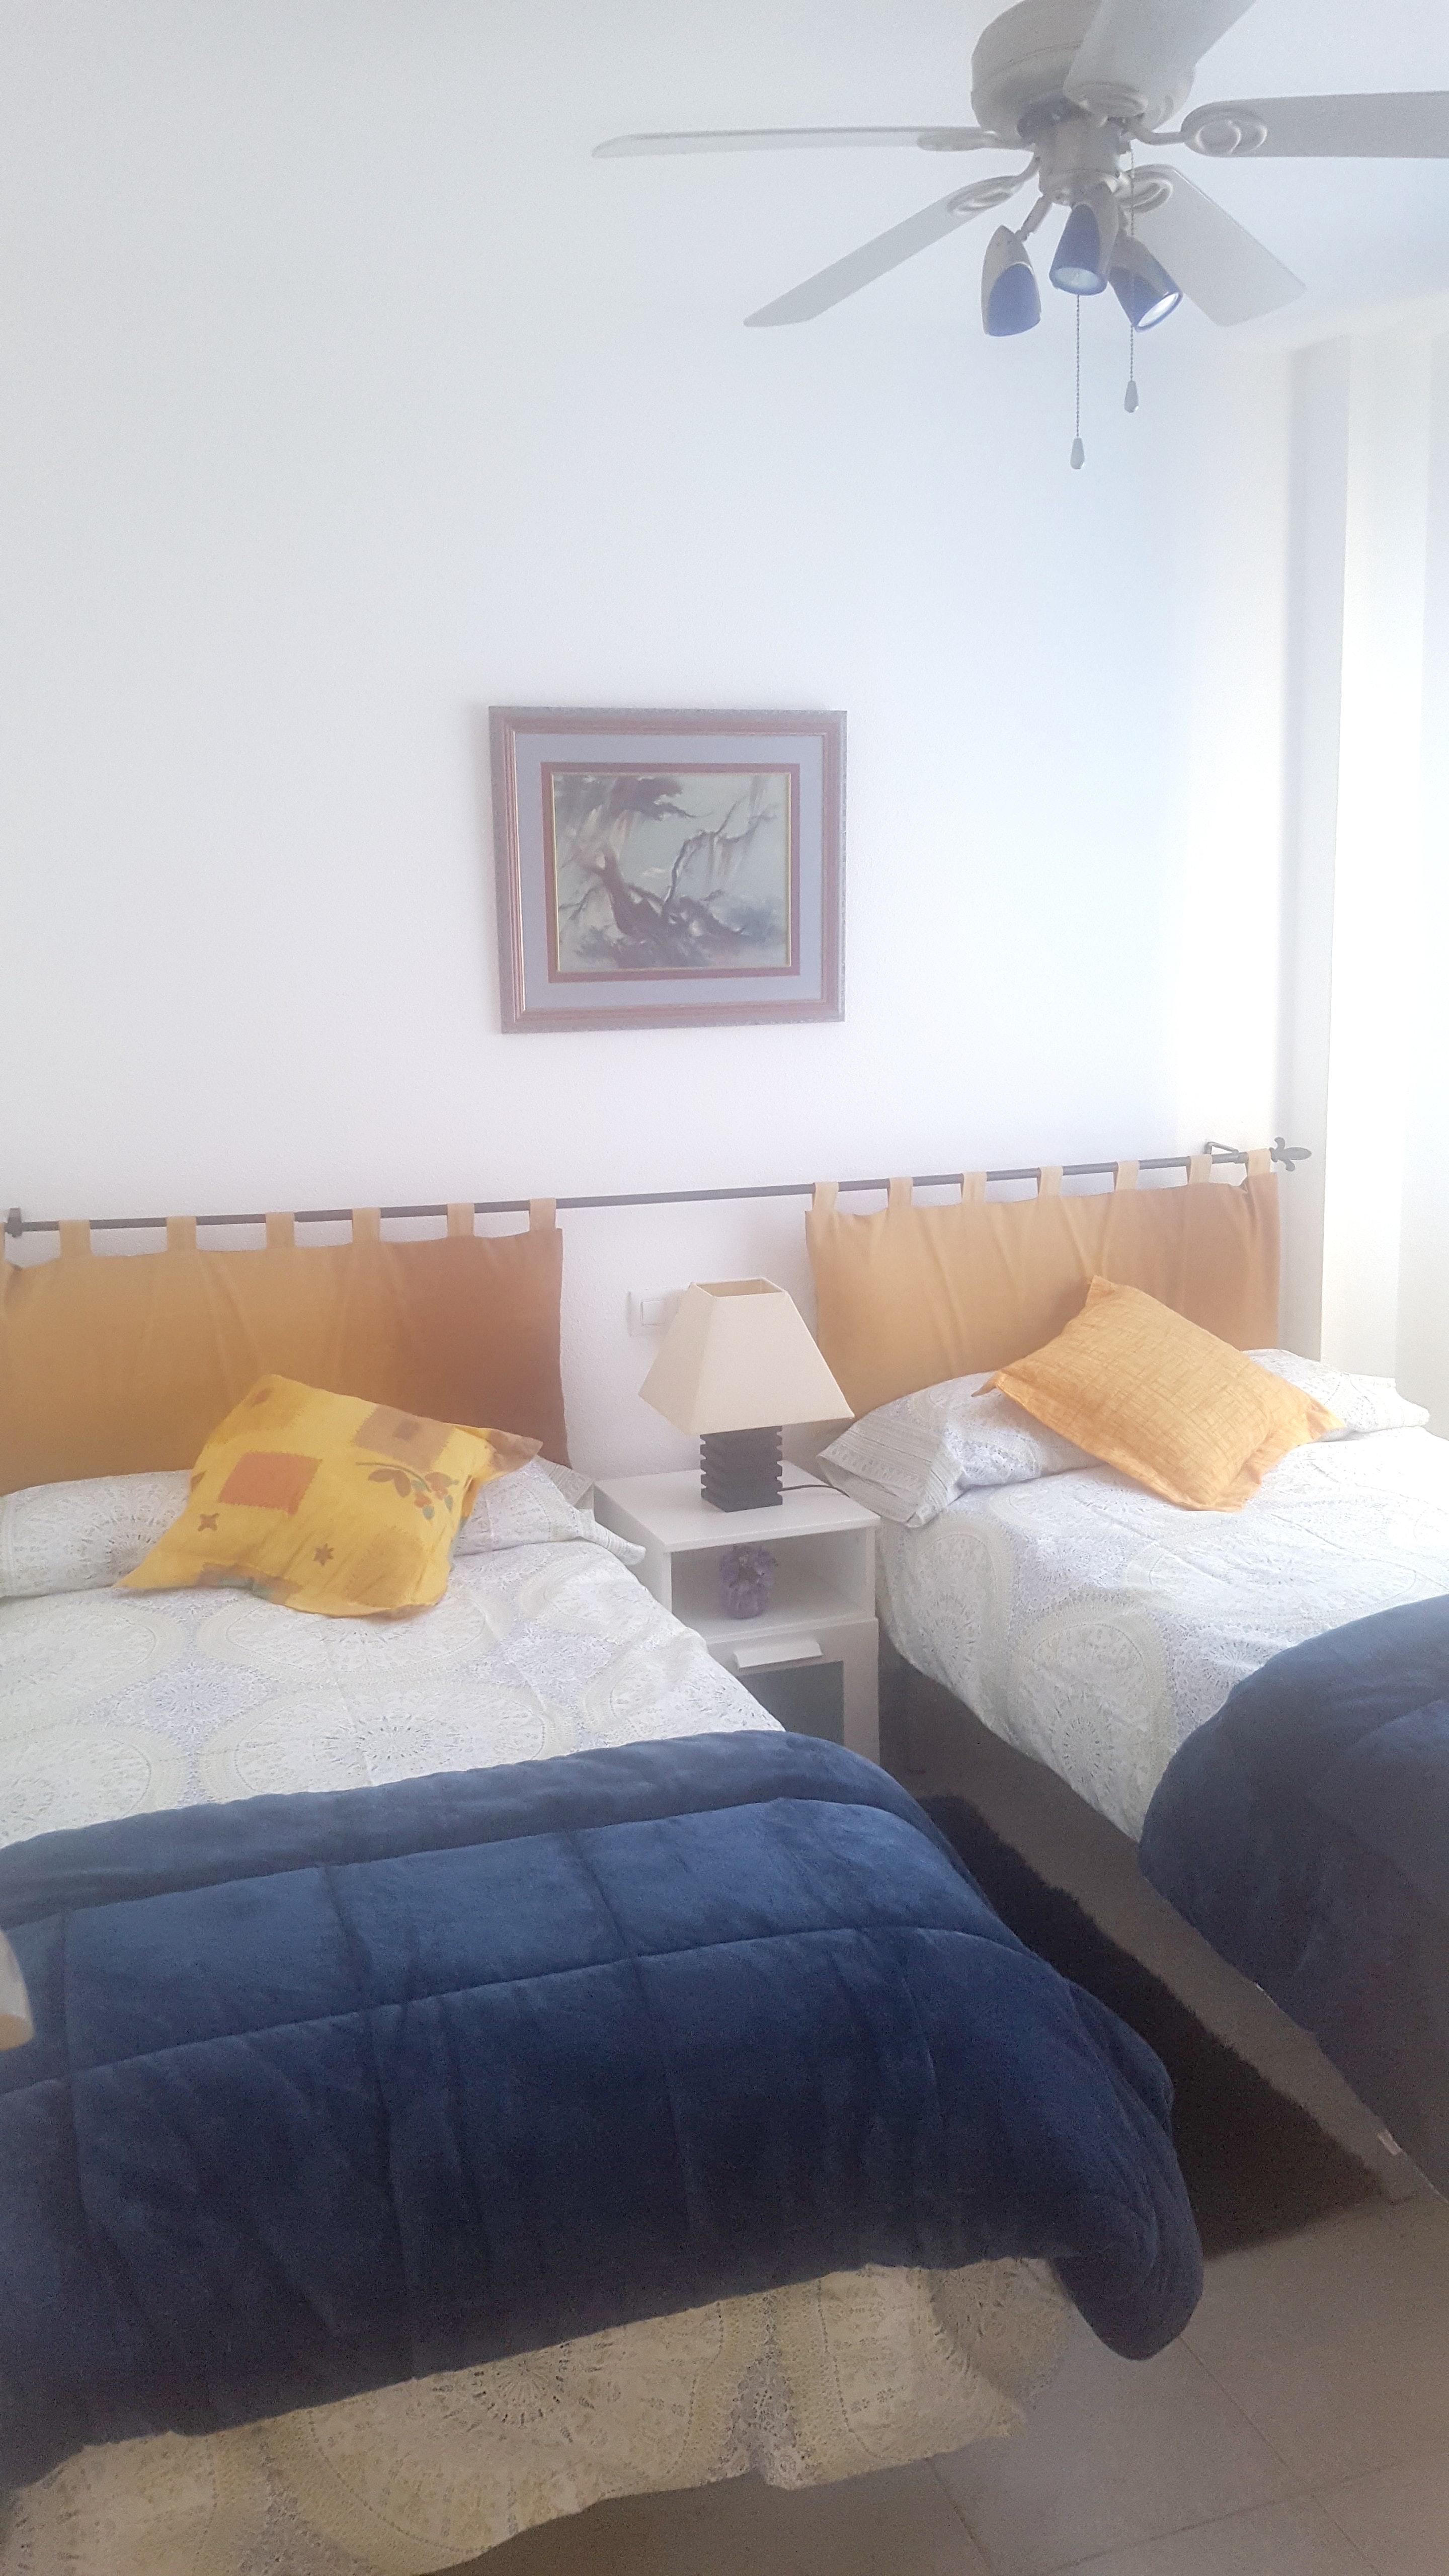 Ferienhaus Haus mit 2 Schlafzimmern in Torrevieja mit Pool, möbliertem Garten und W-LAN (2202043), Torrevieja, Costa Blanca, Valencia, Spanien, Bild 8